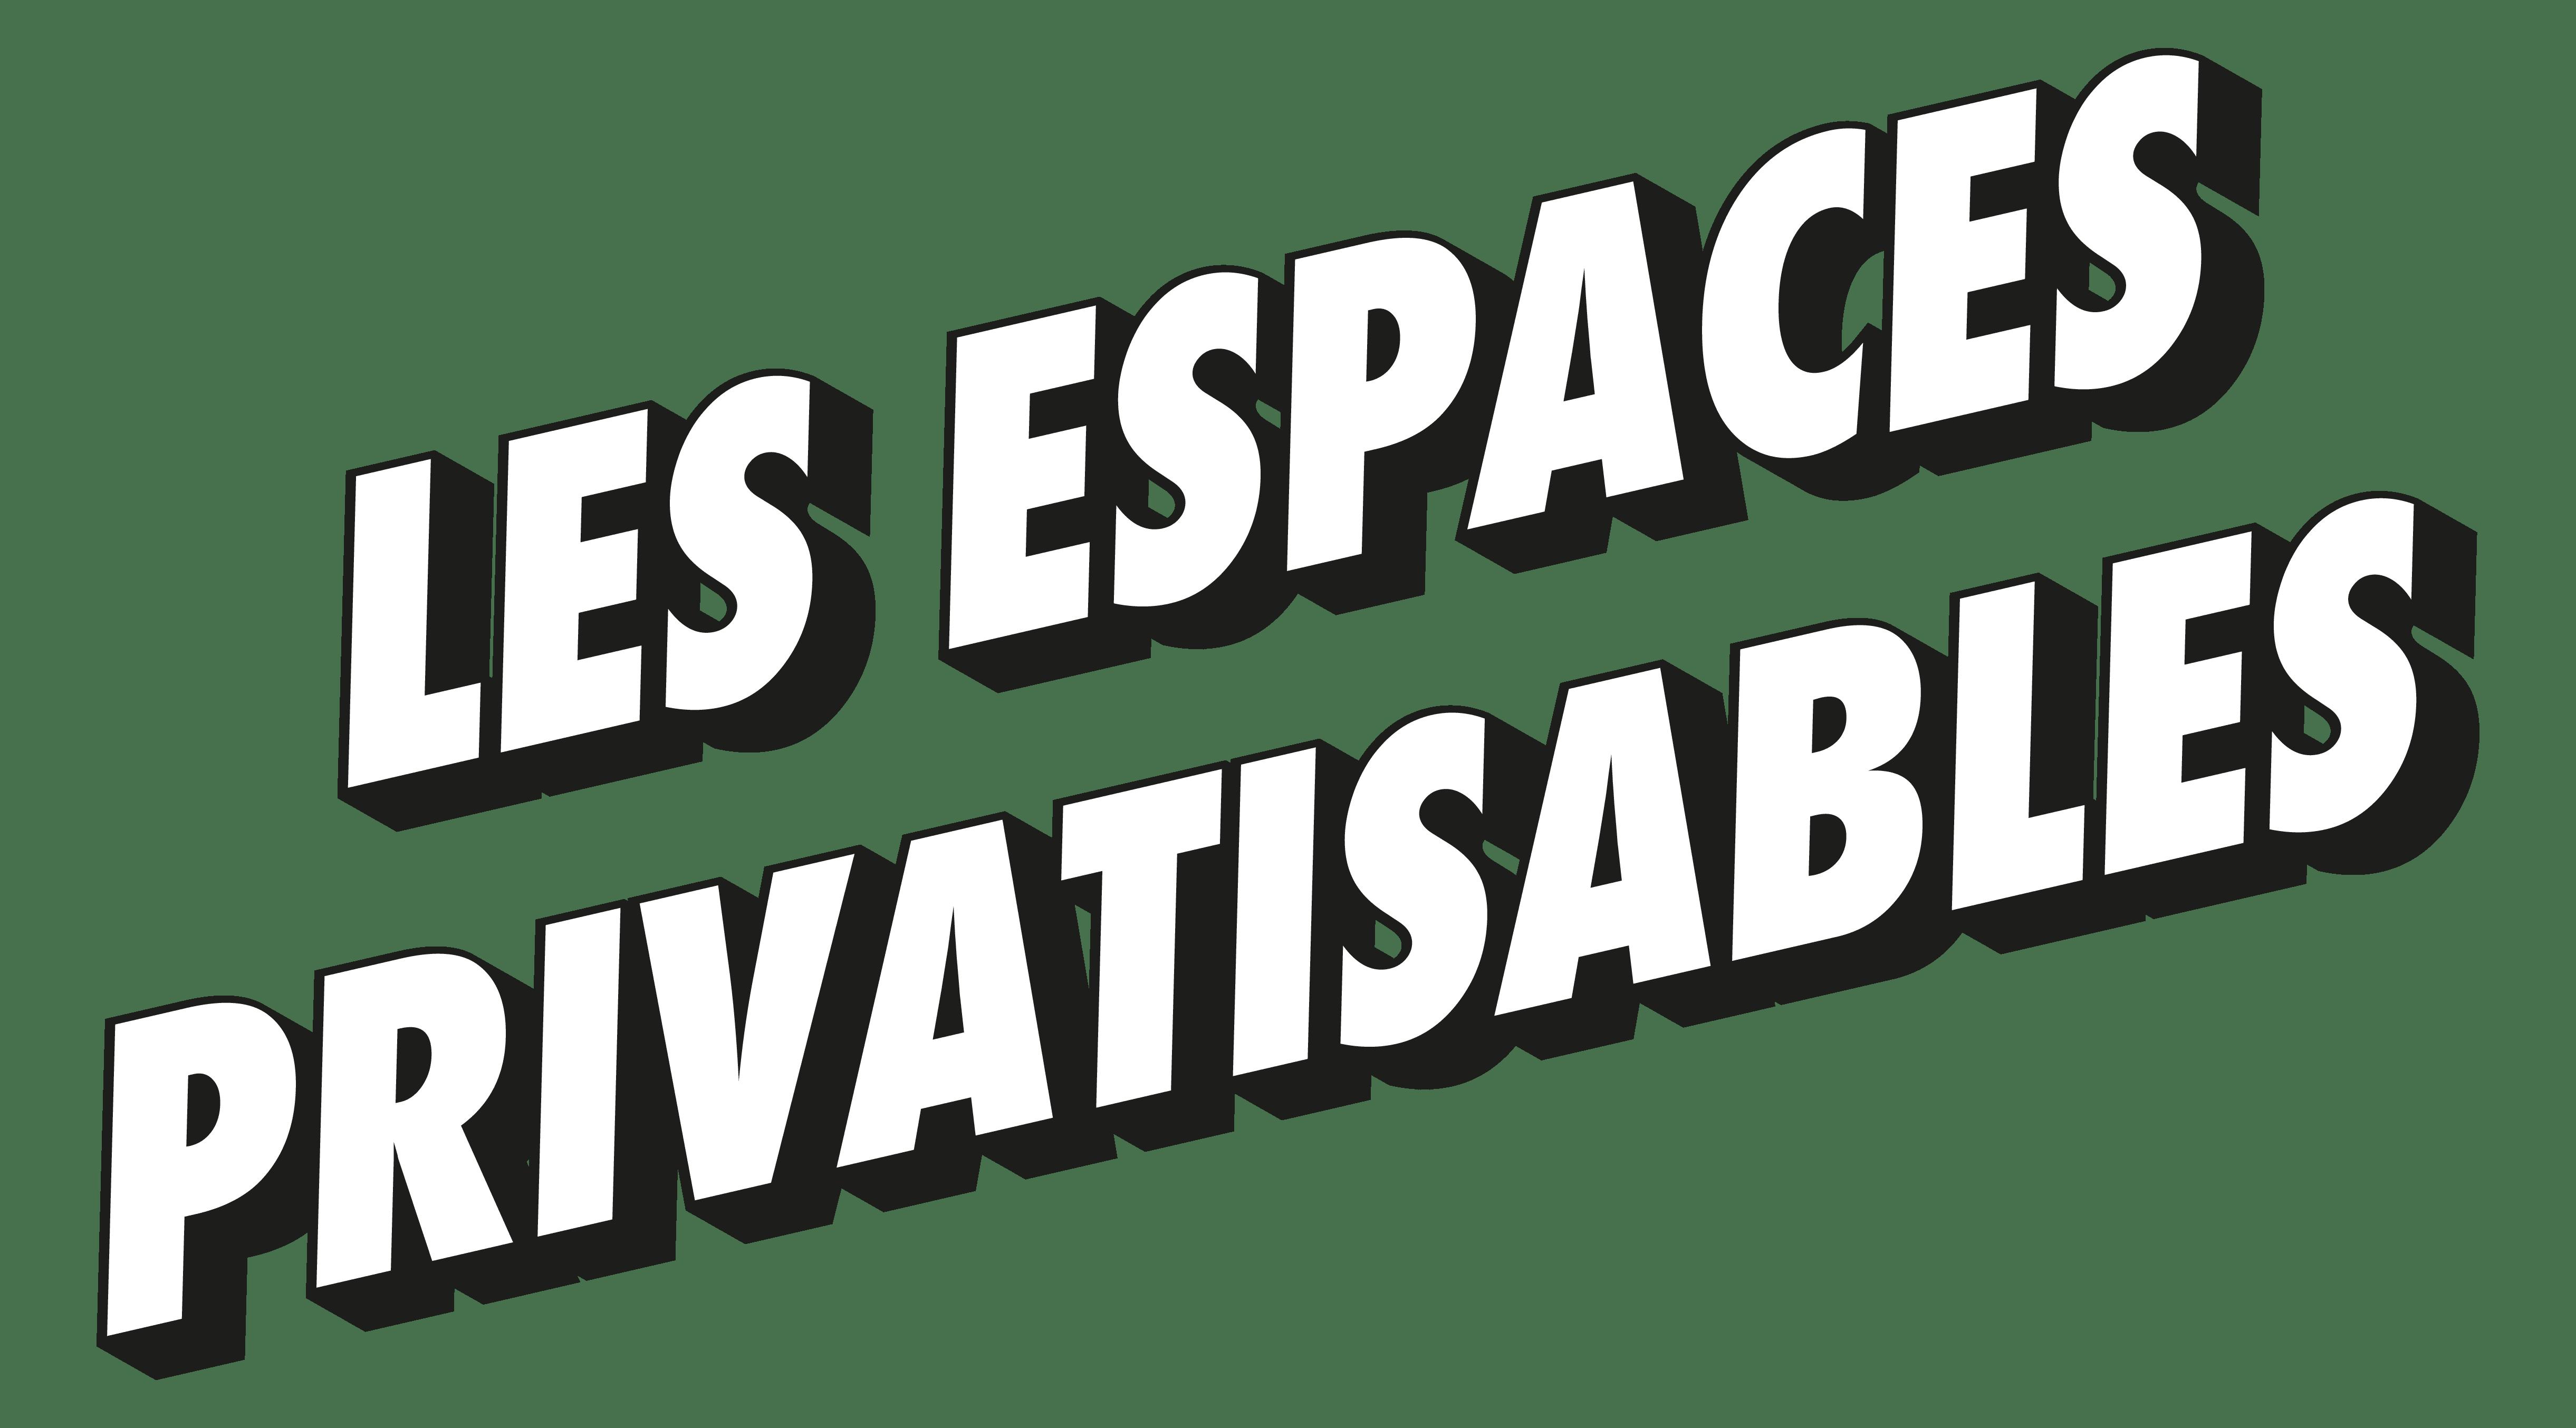 Les espaces privatisables